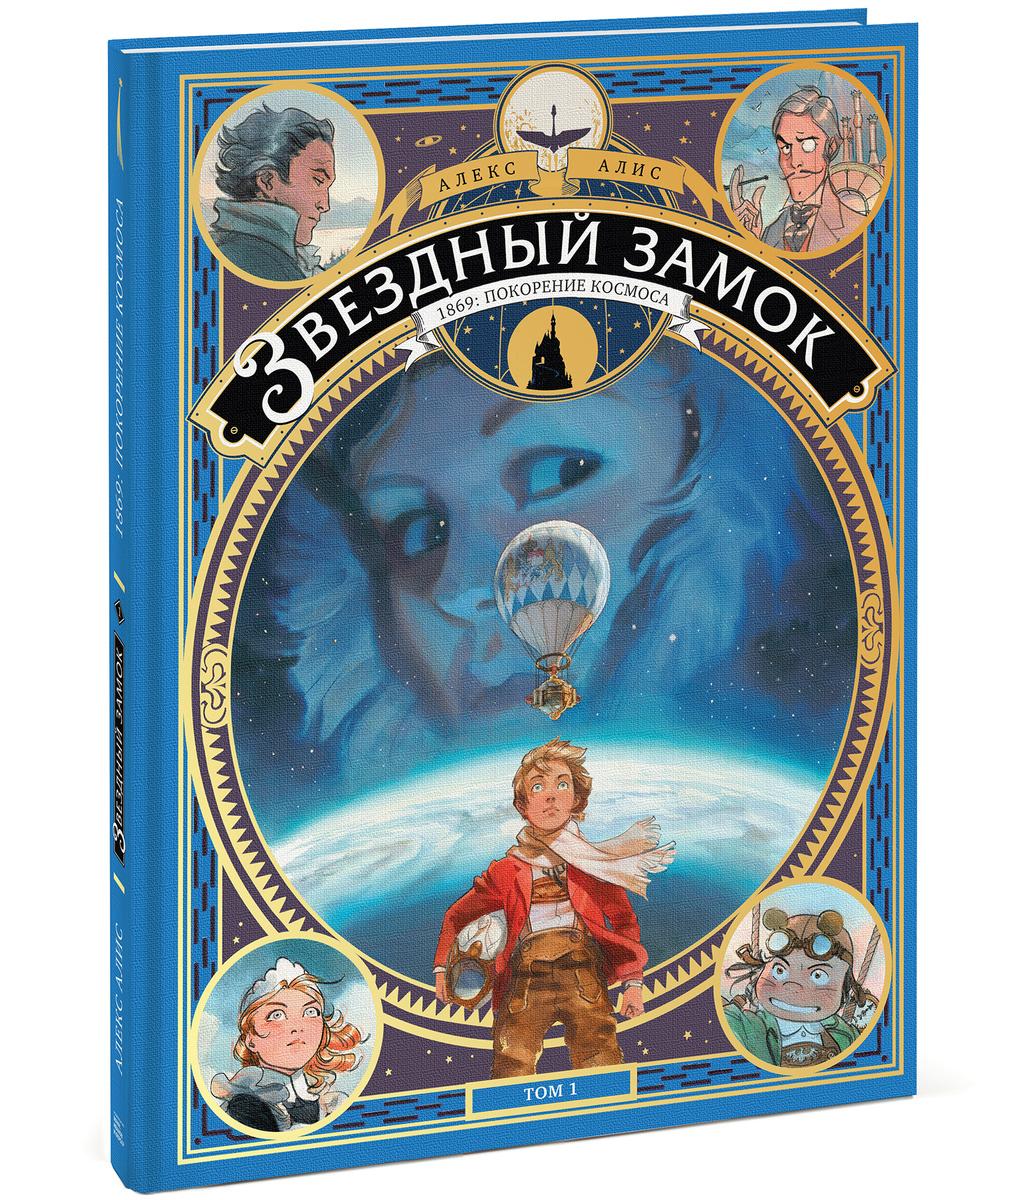 Звездный замок. 1869. Покорение космоса. Том 1 Уцененный товар (№1). Уцененный товар   Алис Алекс  #1